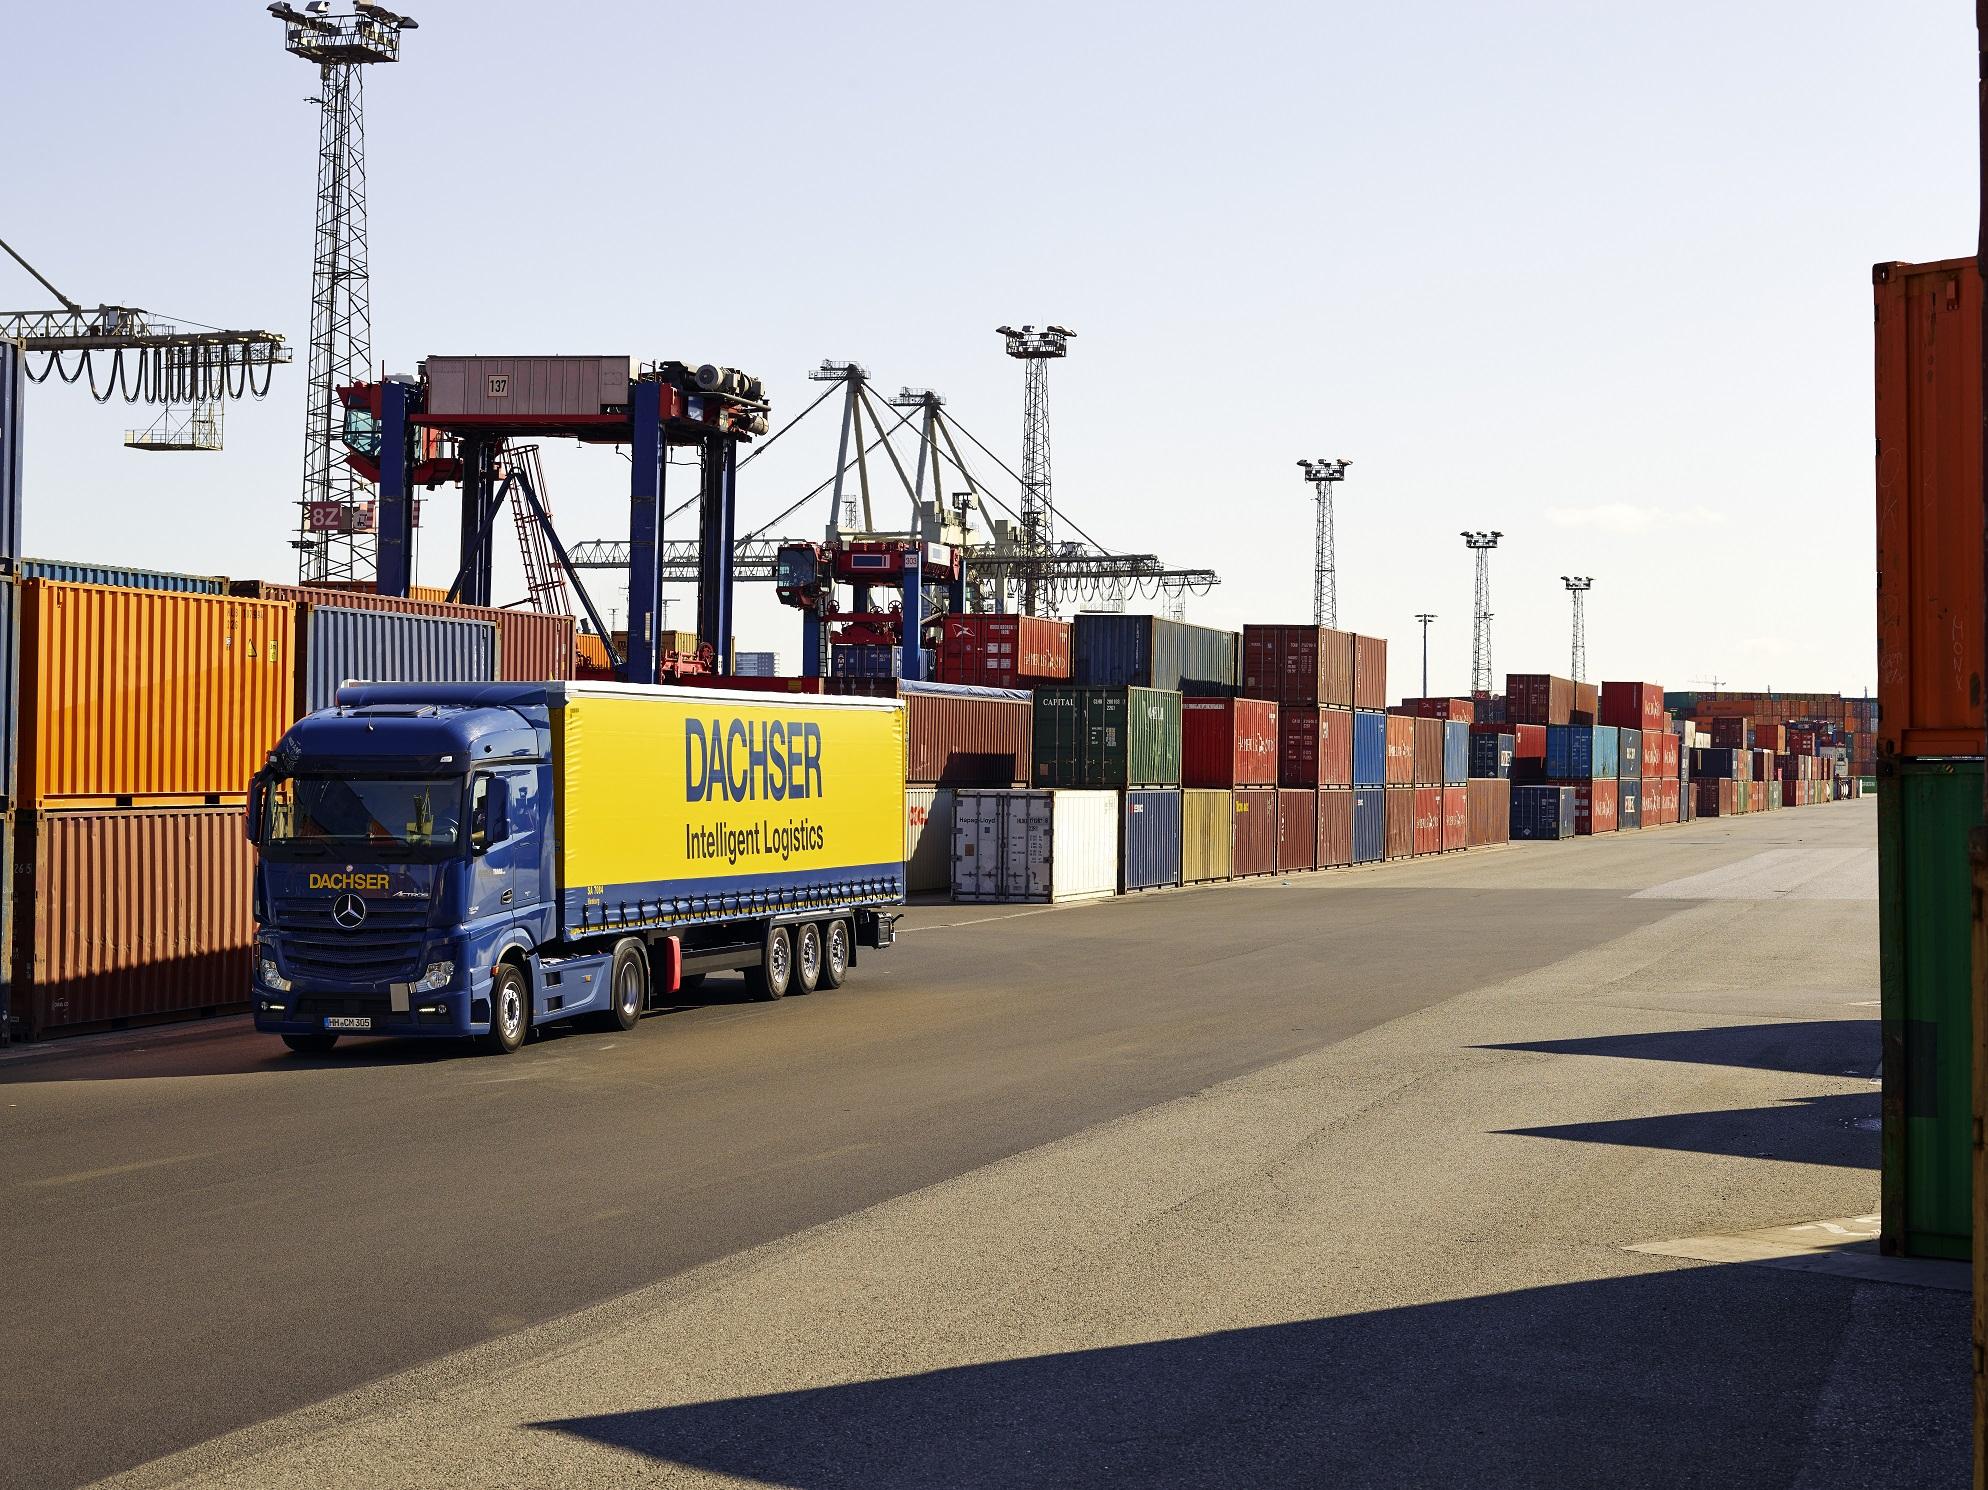 Mezinárodní logistický provider DACHSER má vlastní speciální řešení pro zásilky s nebezpečným zbožím